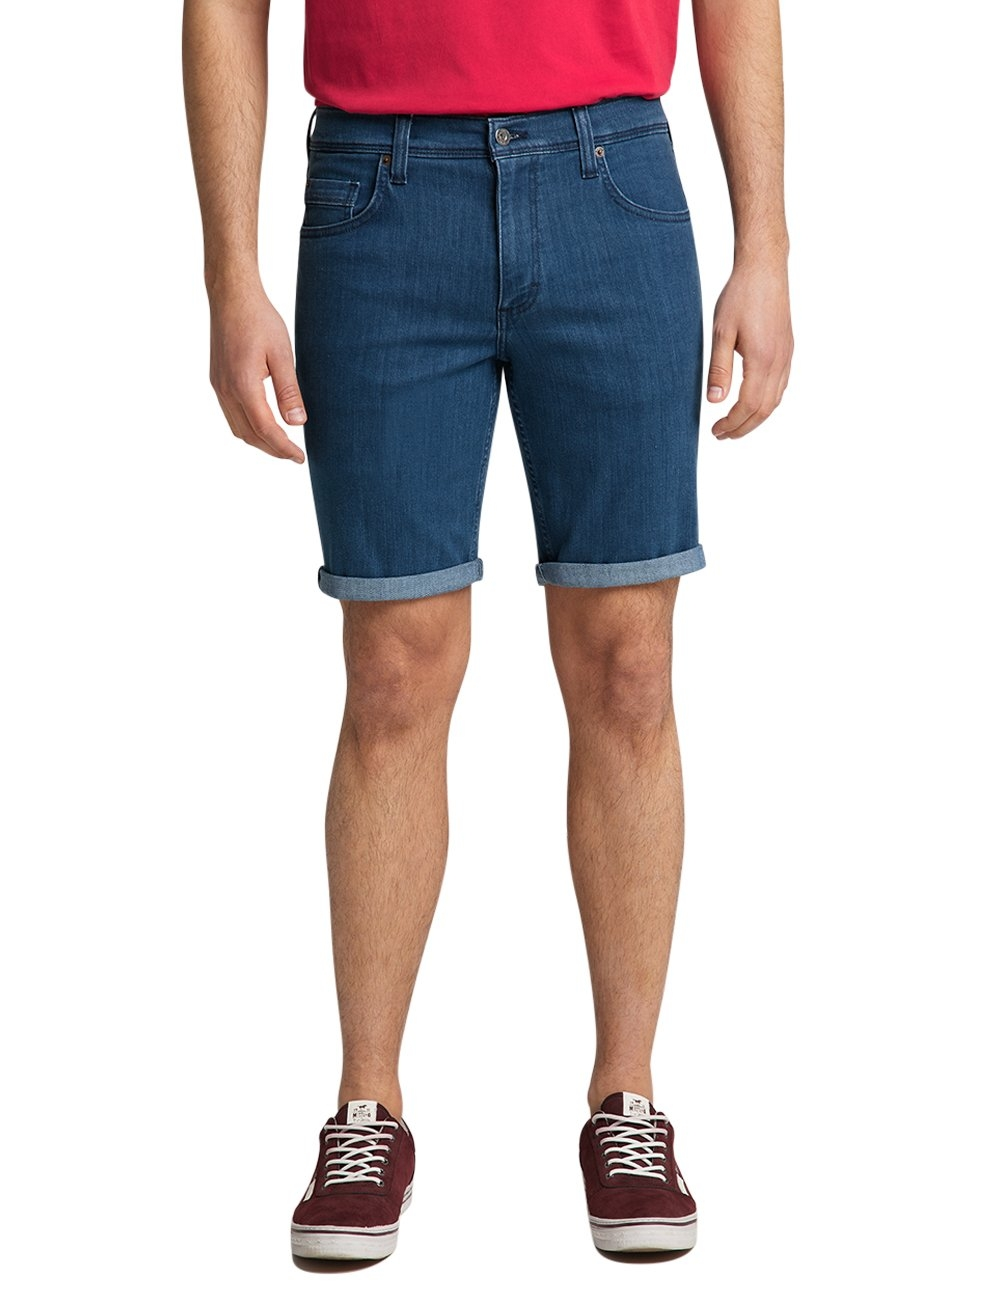 MUSTANG jeansshort Washington Shorts Elastische katoenmix nu online bestellen